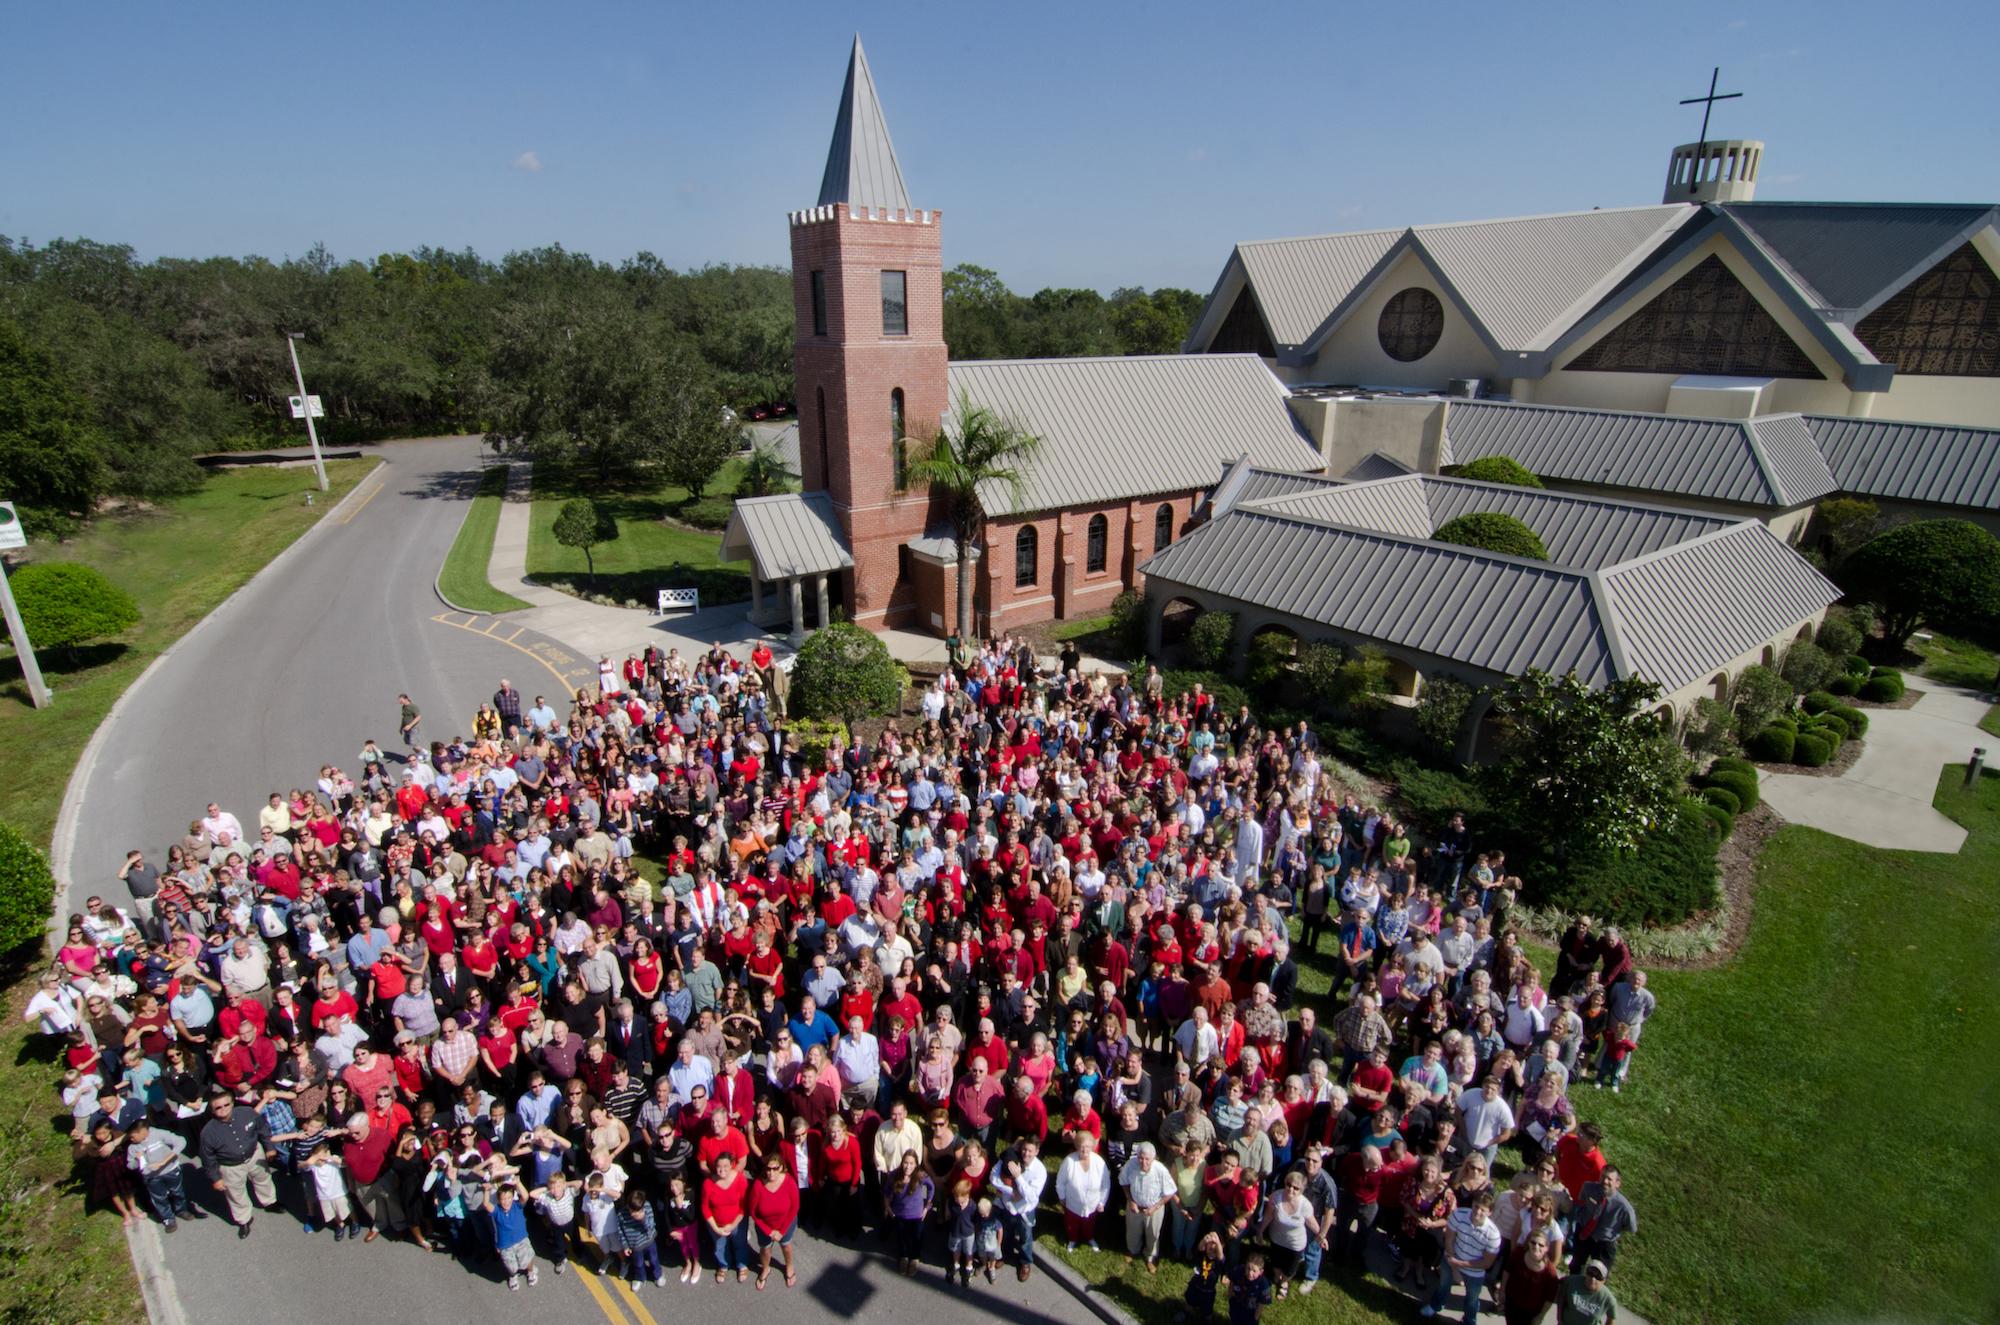 St. Luke's Community